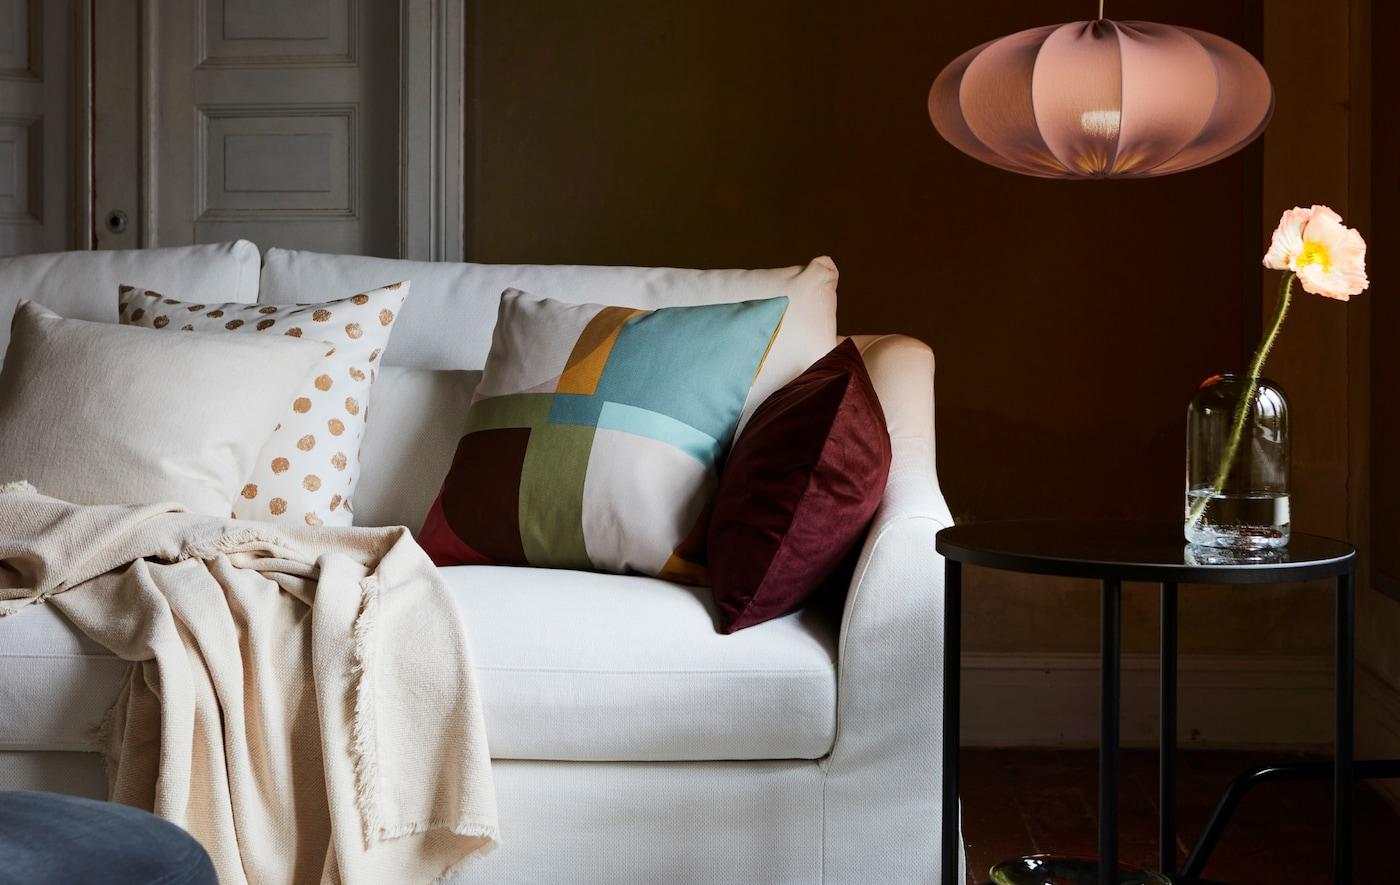 Um sofá branco numa sala com uma combinação de almofadas e uma manta. Ao lado está uma mesa de apoio preta e um candeeiro REGNSKUR.